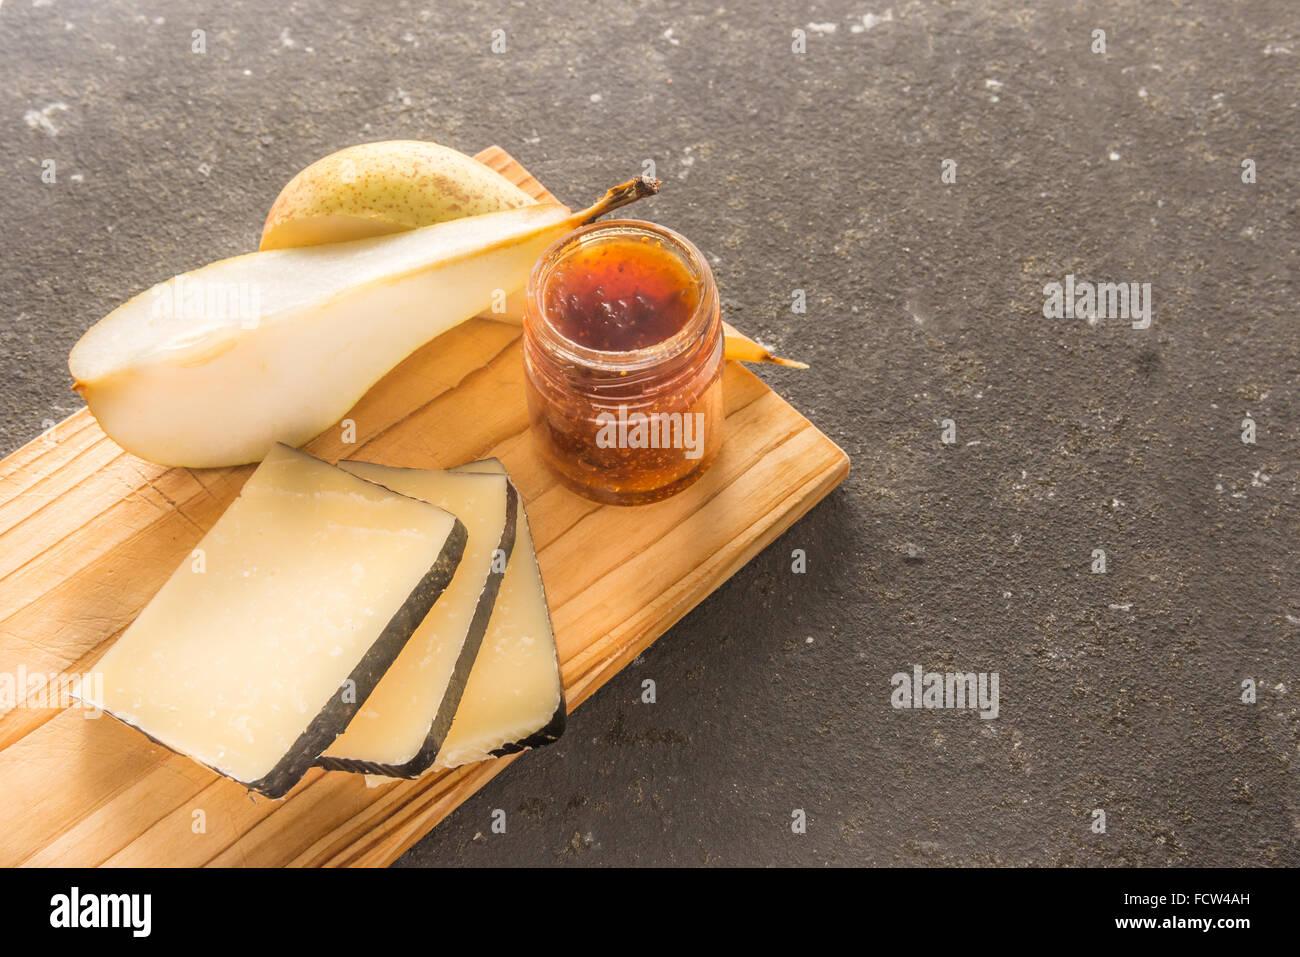 Una composizione di formaggio italiano fette di pecorino con marmellata e pere su un tagliere di legno Immagini Stock